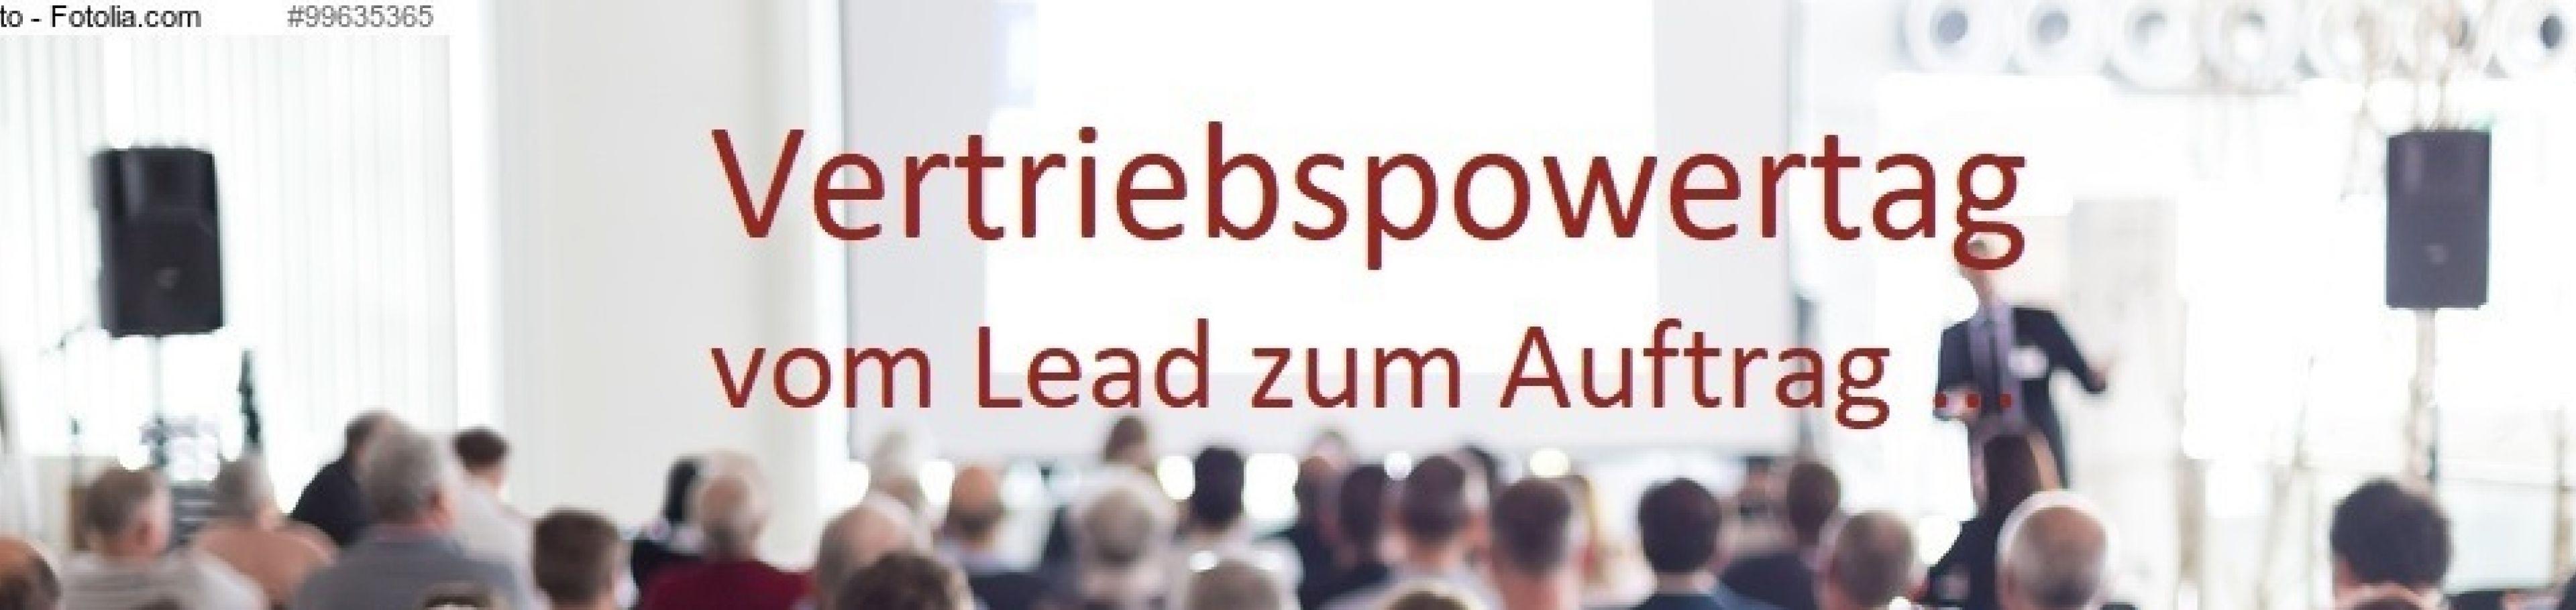 Vertriebspowertag: Vom Lead zum Auftrag